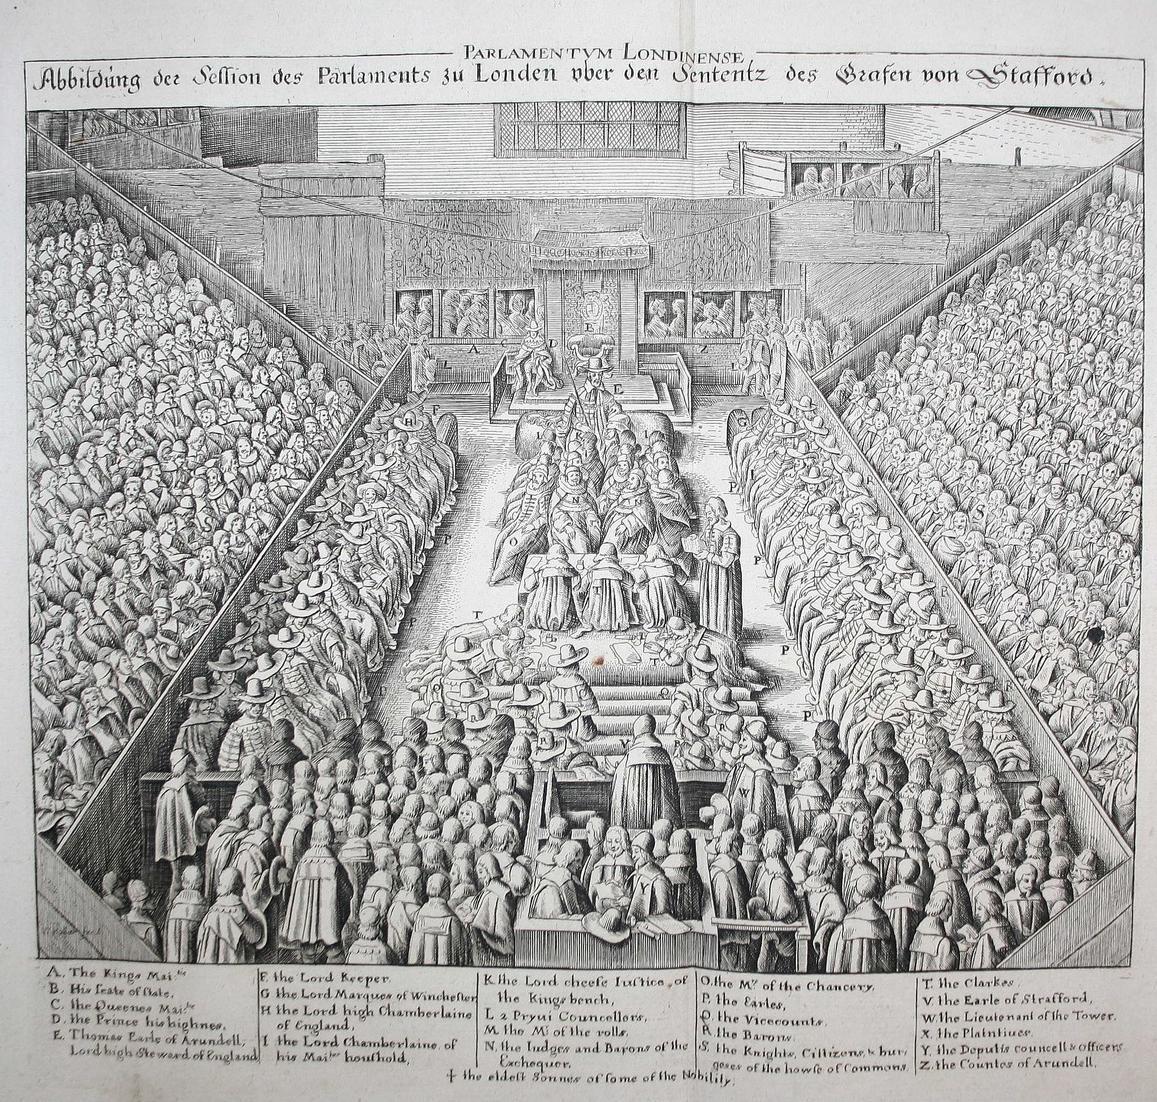 Abbildung der Session des Parlaments zu London über den Sententz des Grafen von Stafford.° 0